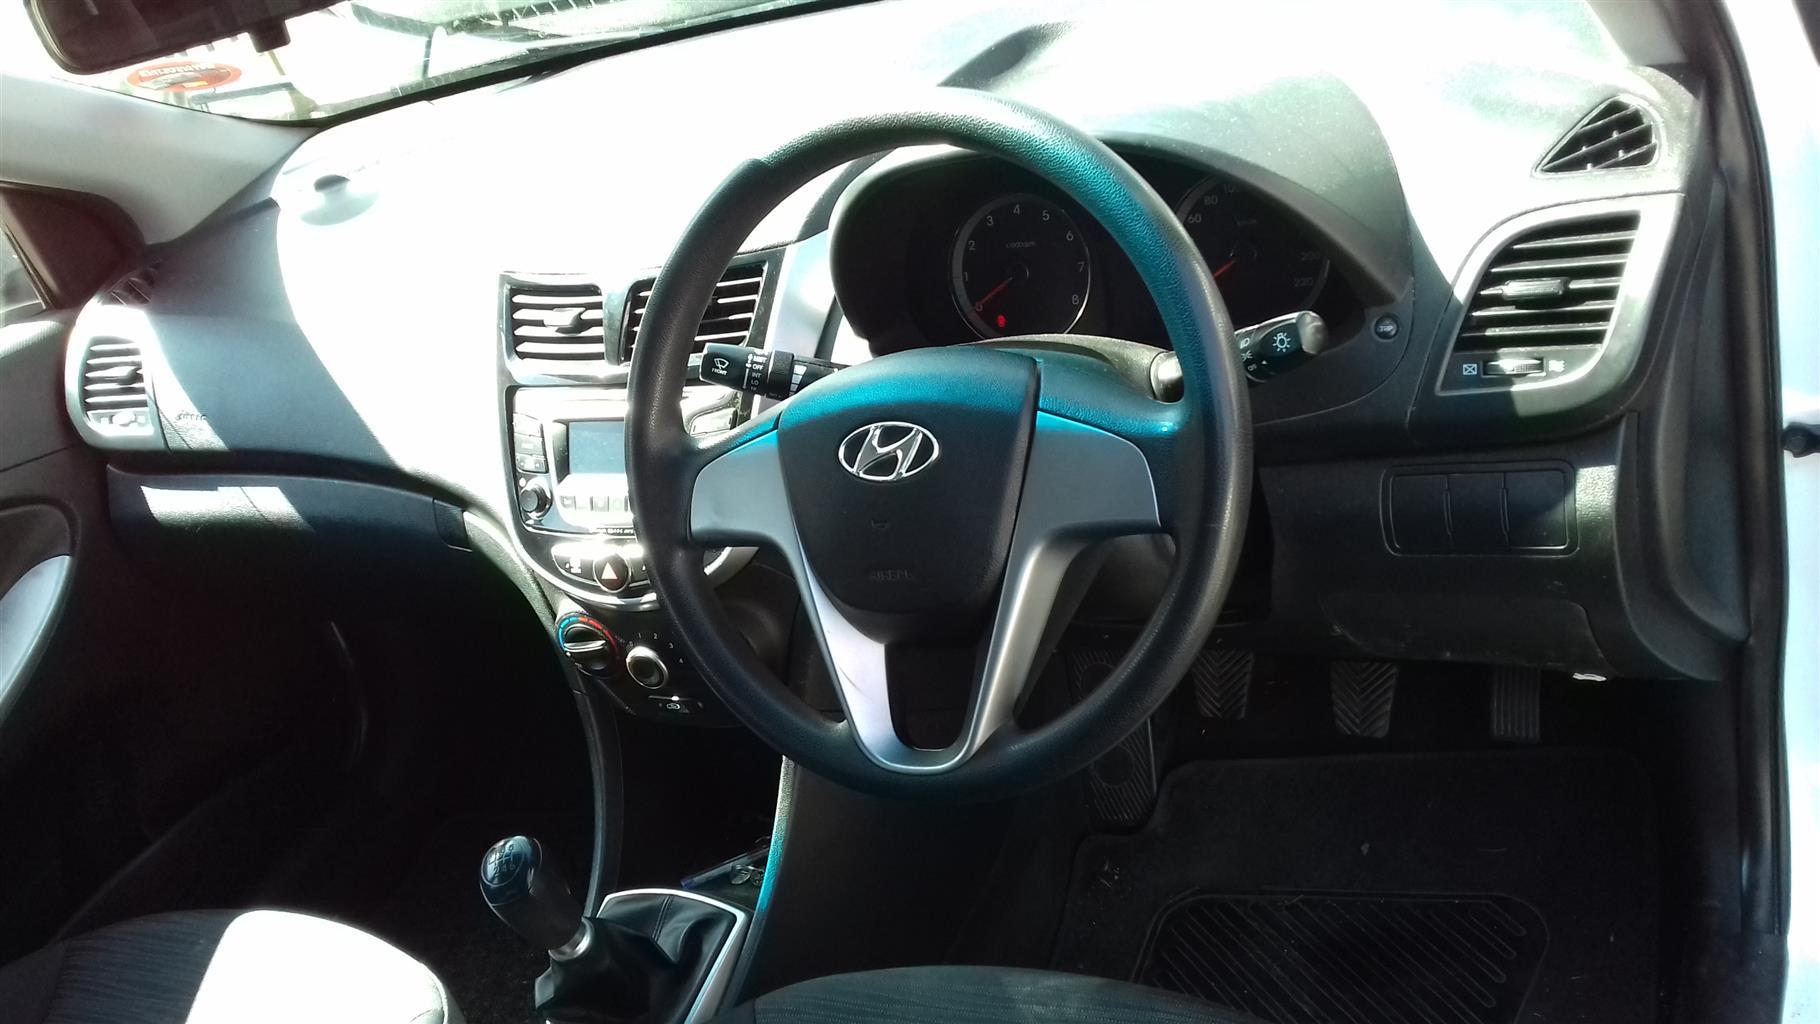 2015 Hyundai Accent sedan 1.6 Motion